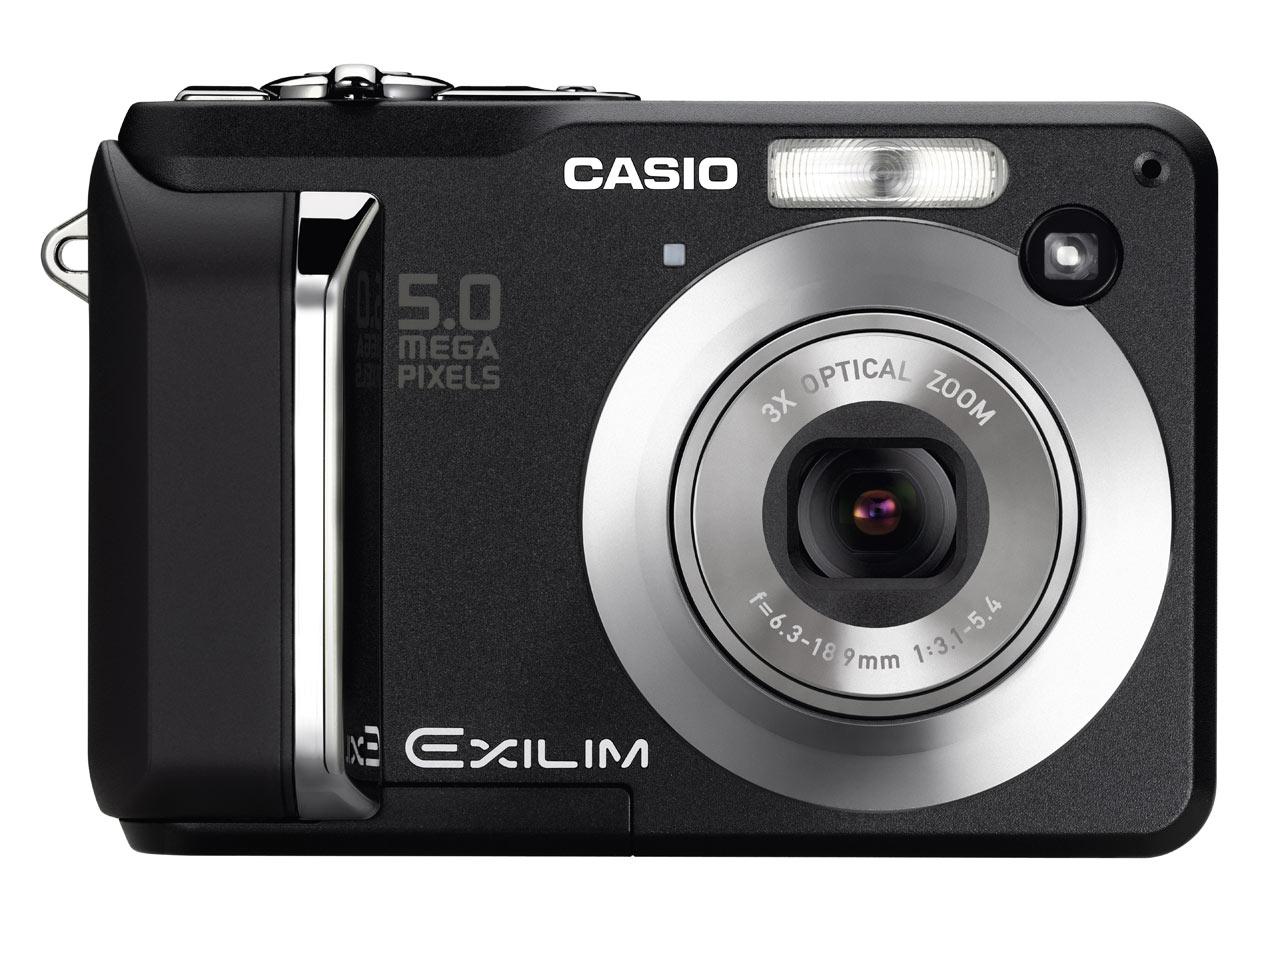 casio exilim ex z10 ex z110 ex z120 digital photography review rh dpreview com casio exilim ex-s10 manual casio exilim ex-s10 manual